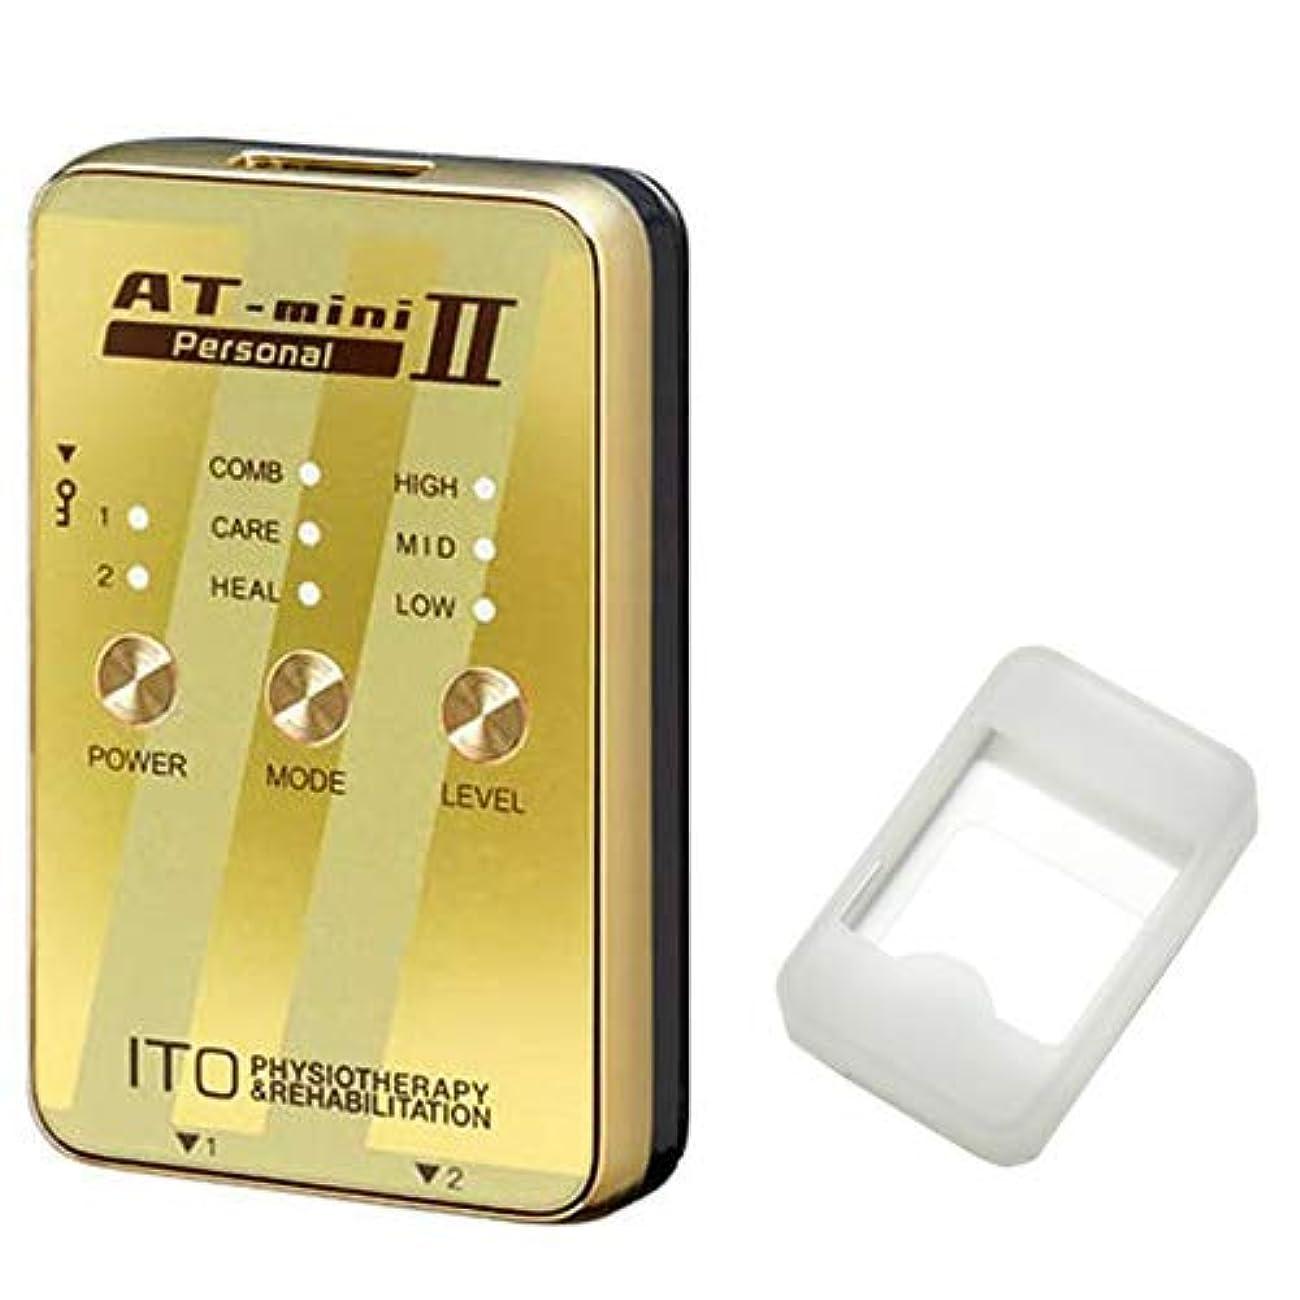 カポックテメリティ保存する低周波治療器 AT-mini personal II ゴールド (ATミニパーソナル2) + シリコン保護ケース